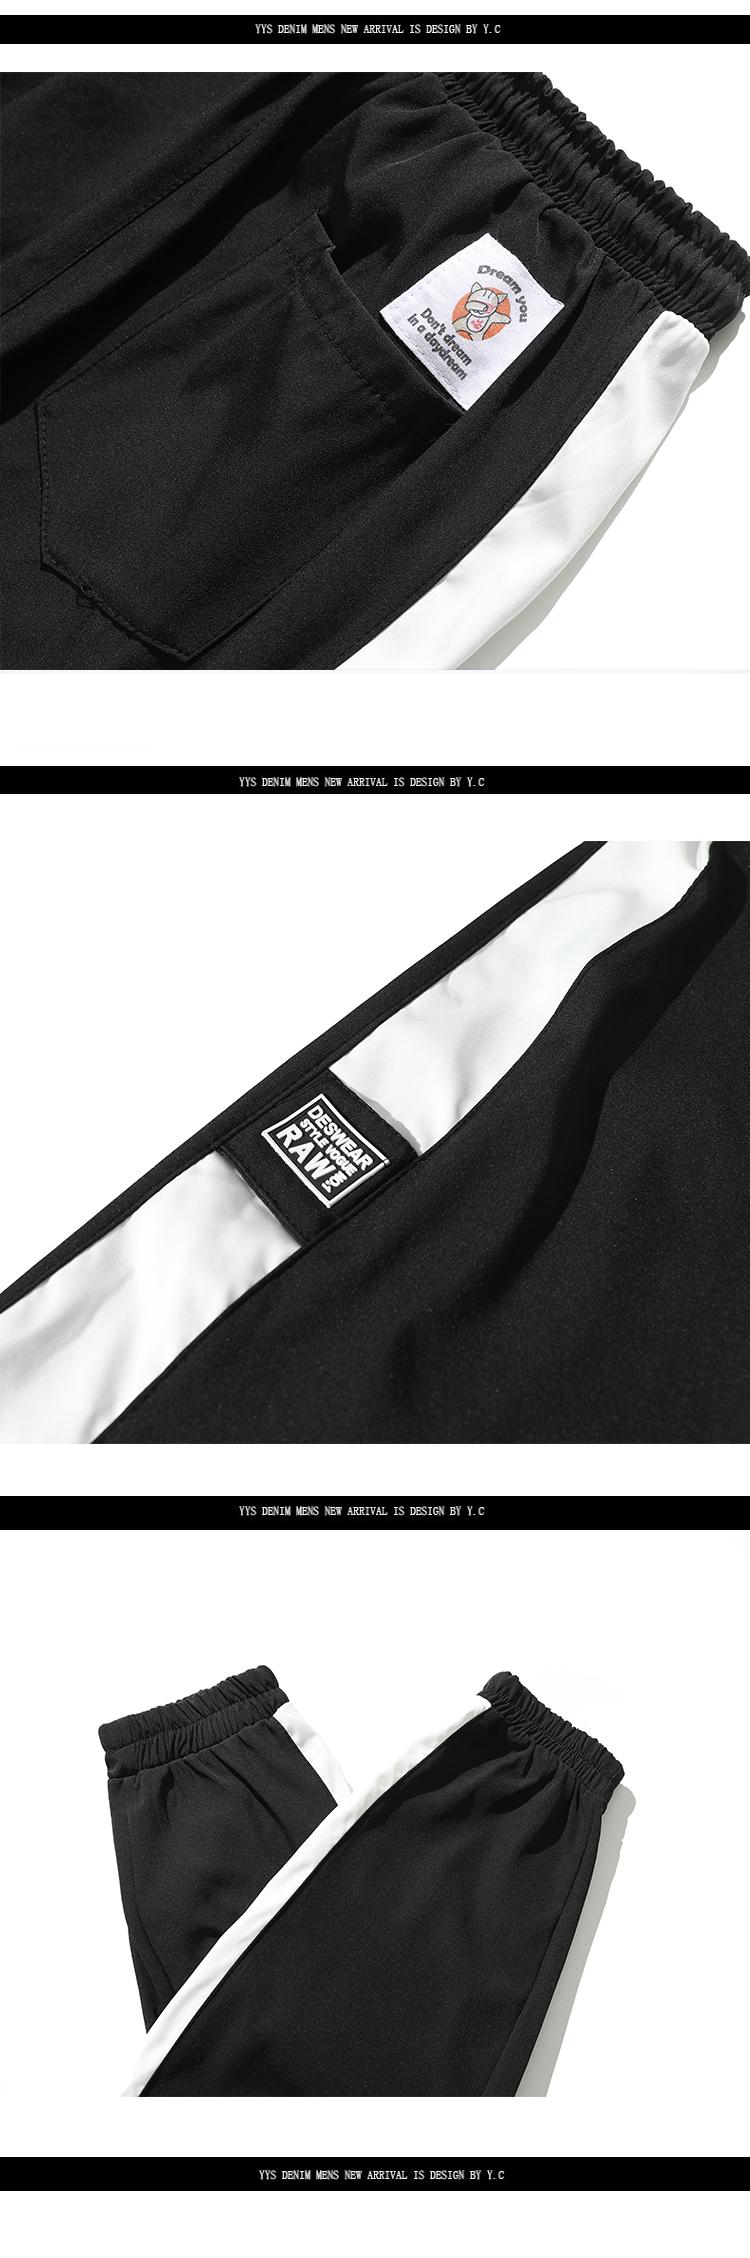 2019春装新款 嘻哈男生9分裤子休闲运动裤束脚裤小脚修身 k954